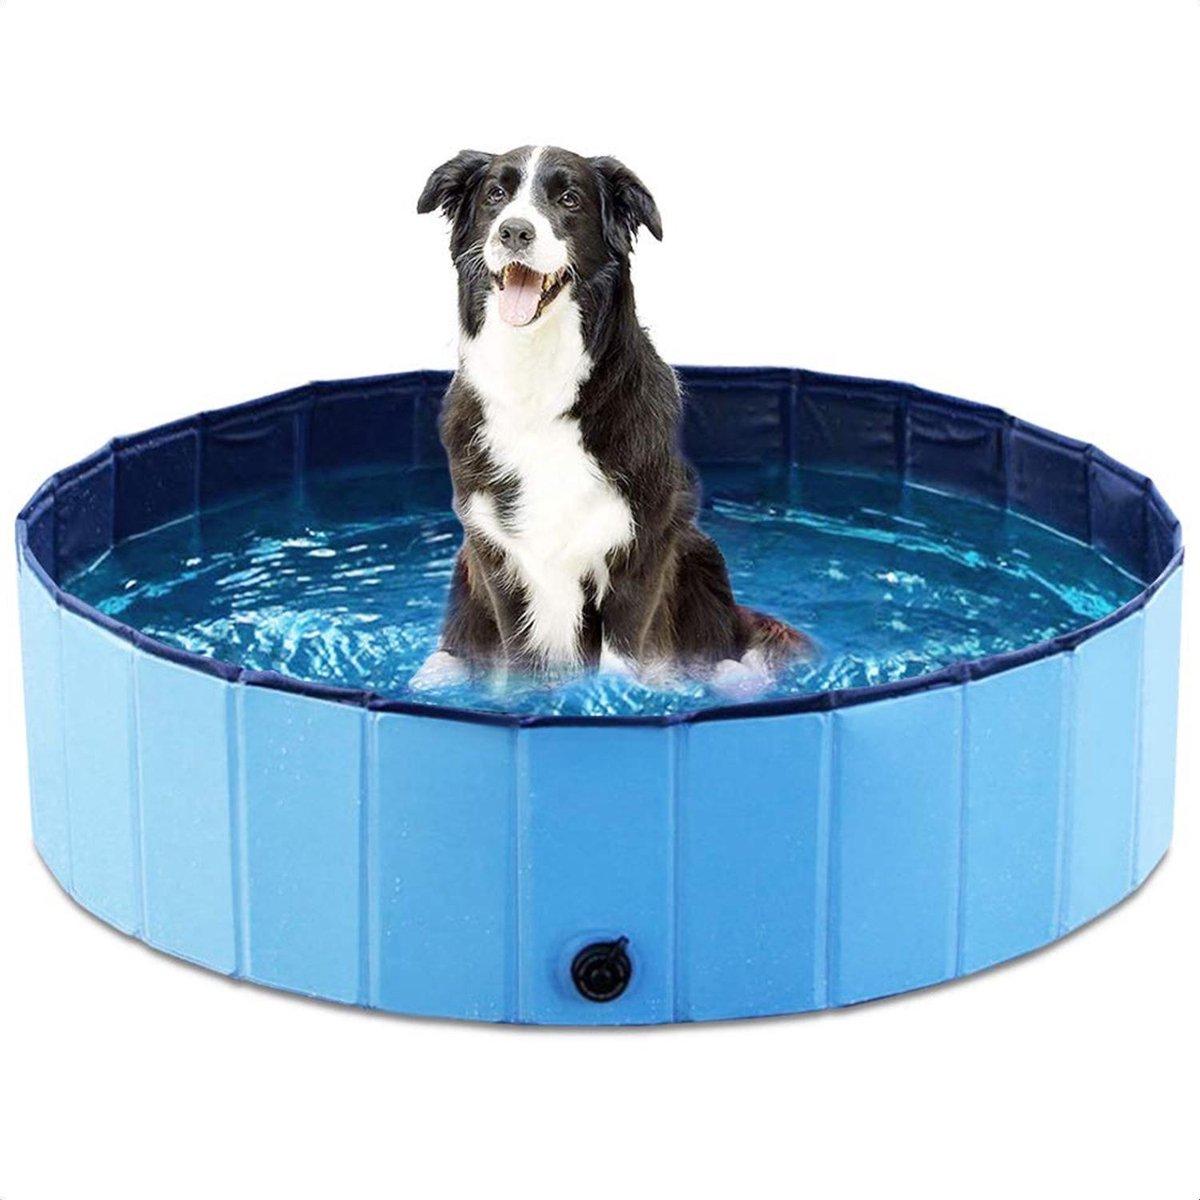 Zwembadje voor kinderen en huisdieren - Hondenzwembad - Hondenbad - Bad voor Honden, Huisdieren - Op